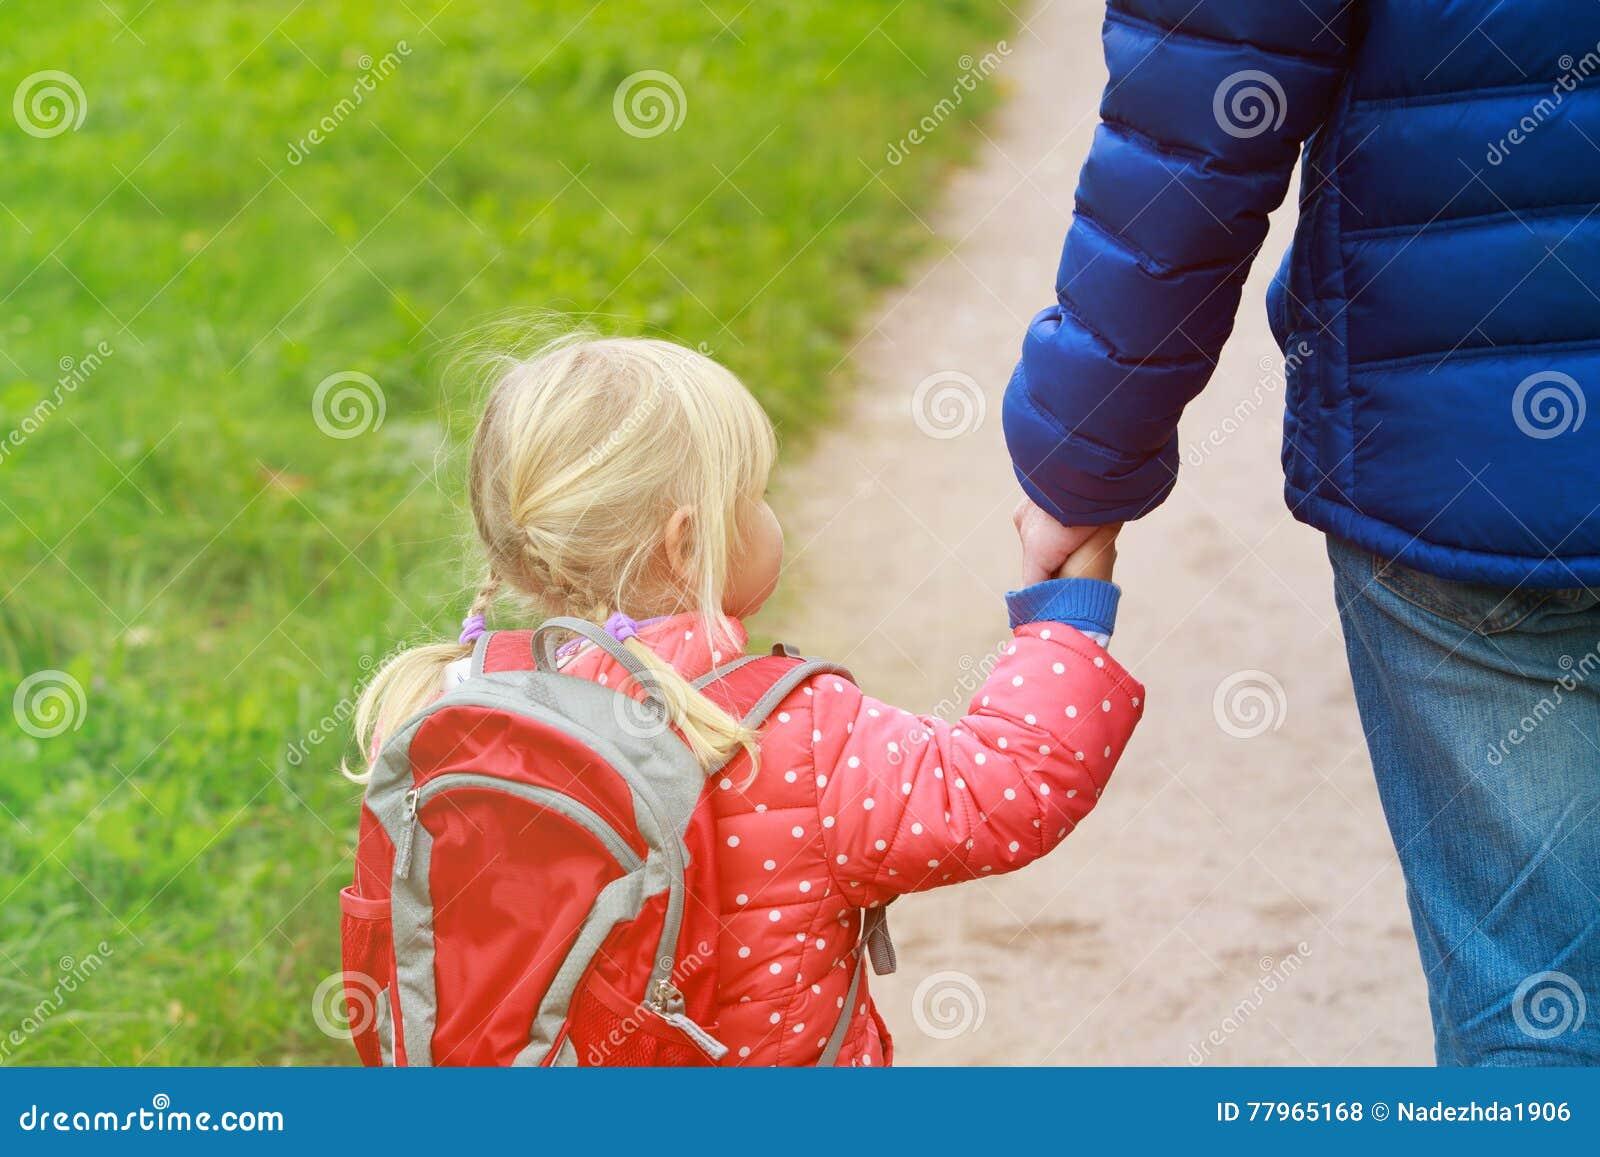 Generi la figlia piccola di camminata alla scuola o alla guardia